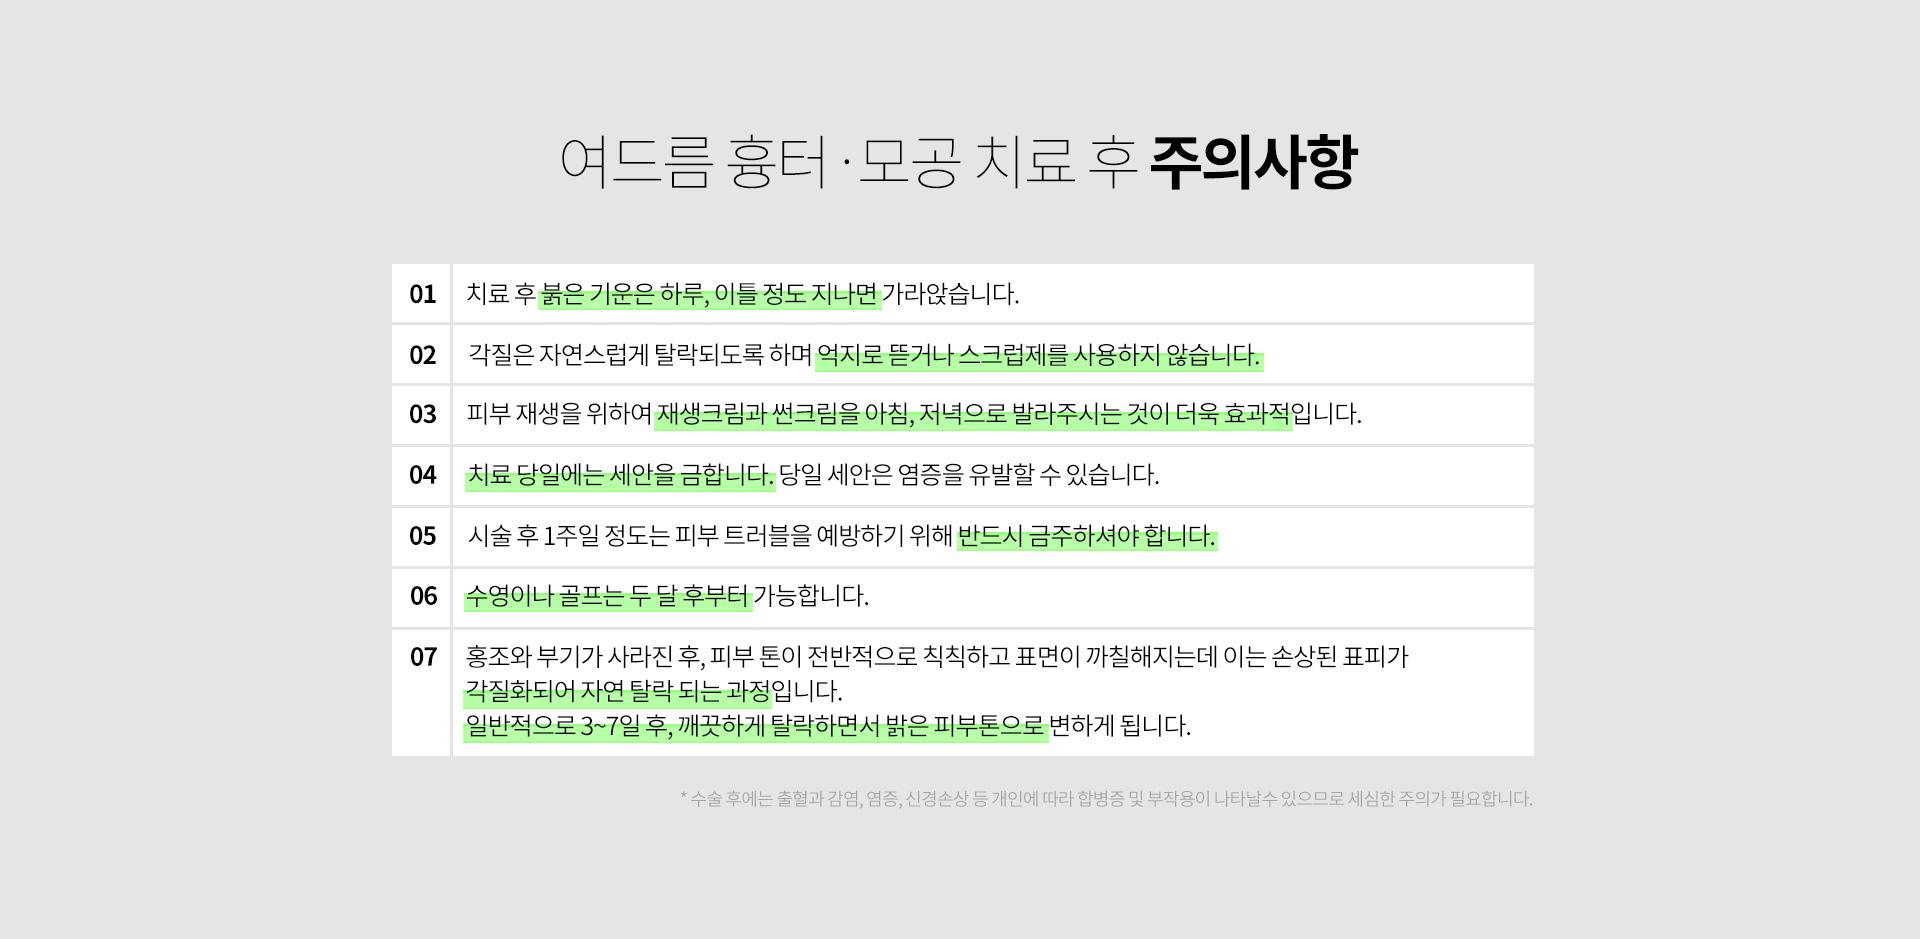 흉터여드름 06